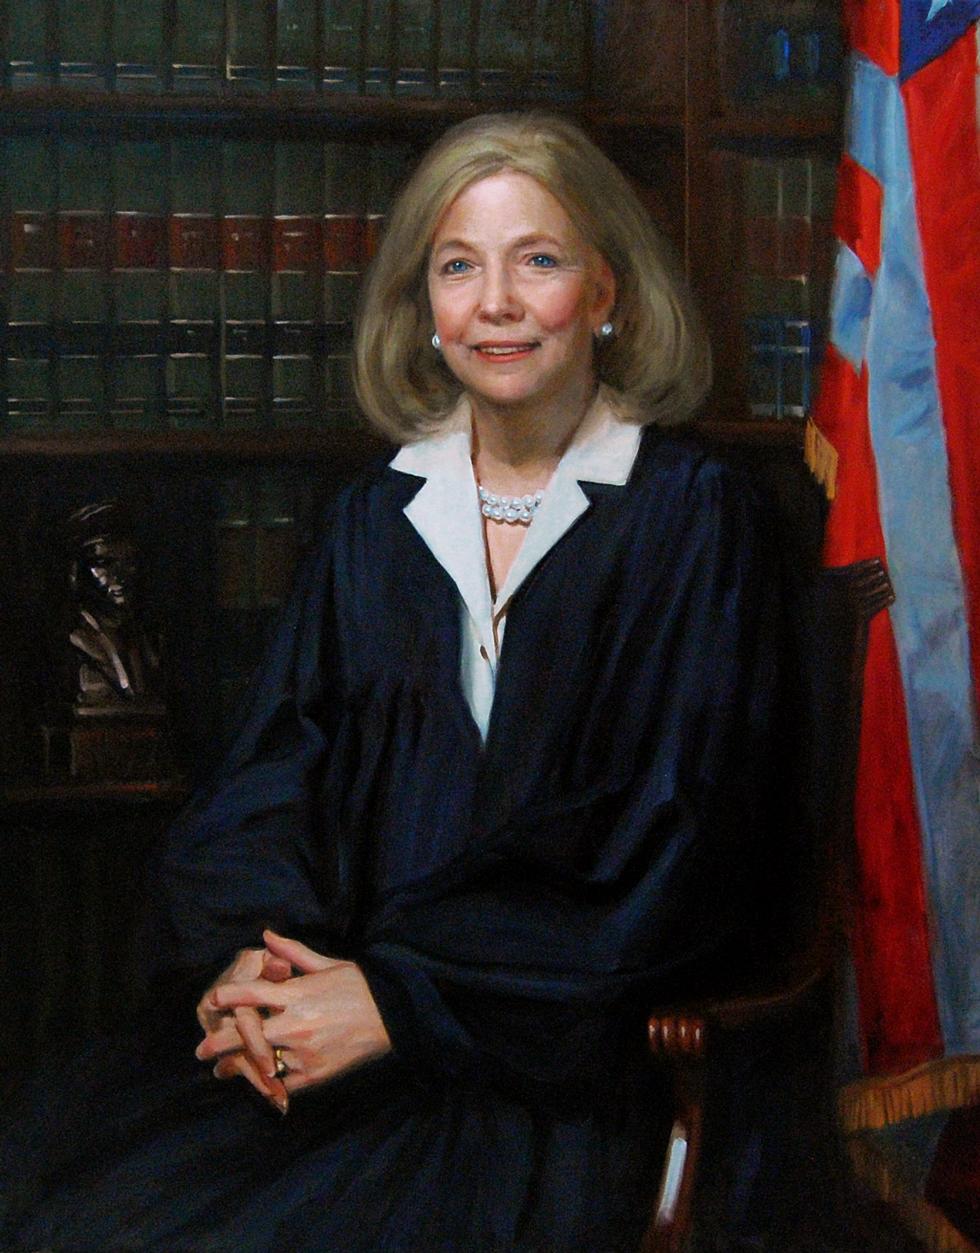 Judge Kate Ford Elliott